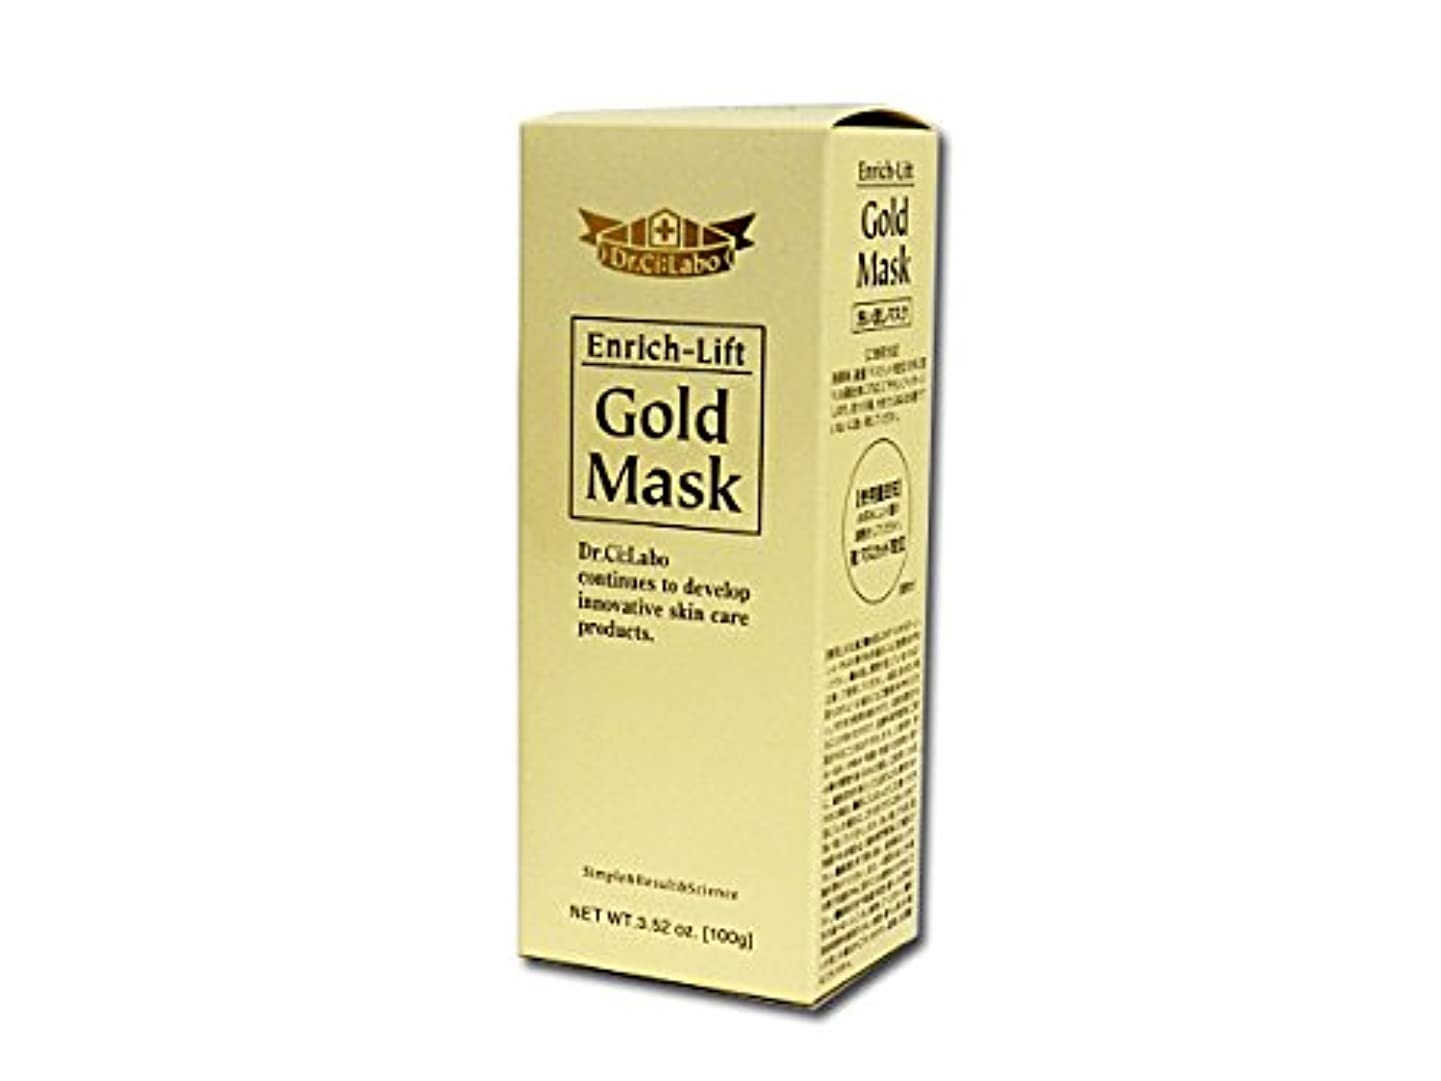 投資する傾く積極的にドクターシーラボ エンリッチリフト ゴールドマスク 100g